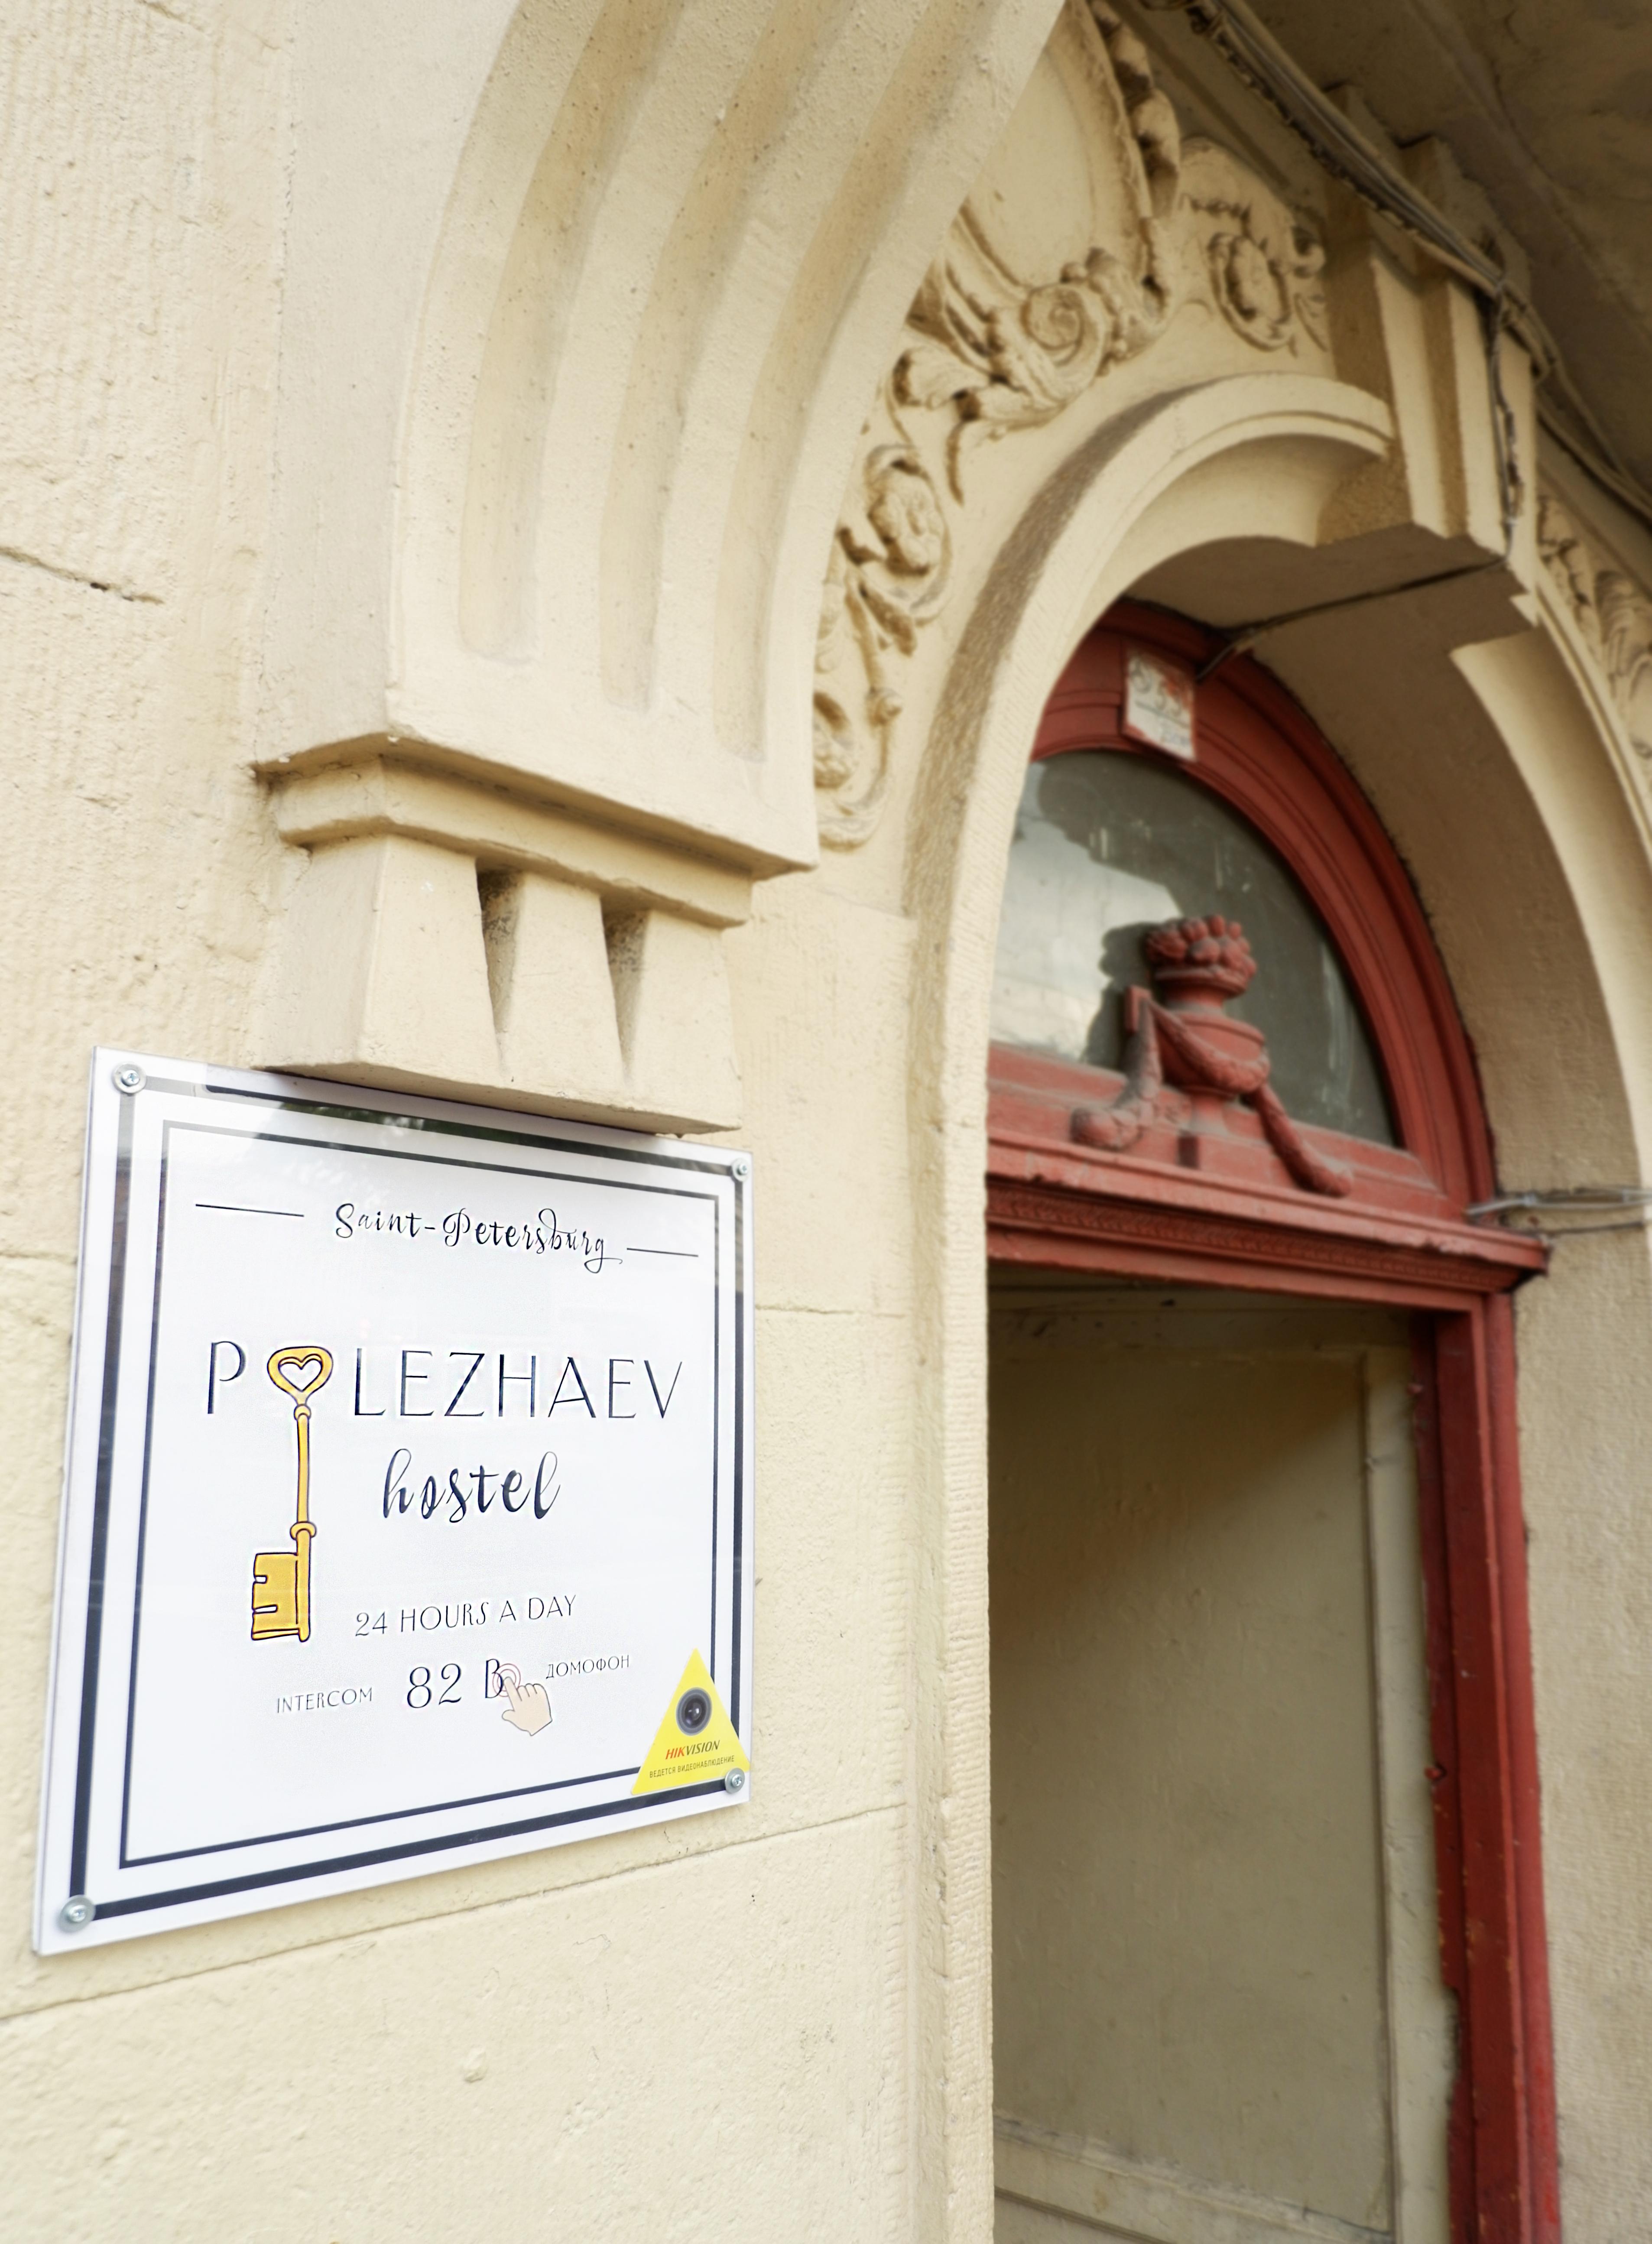 Polezhaev Hostel